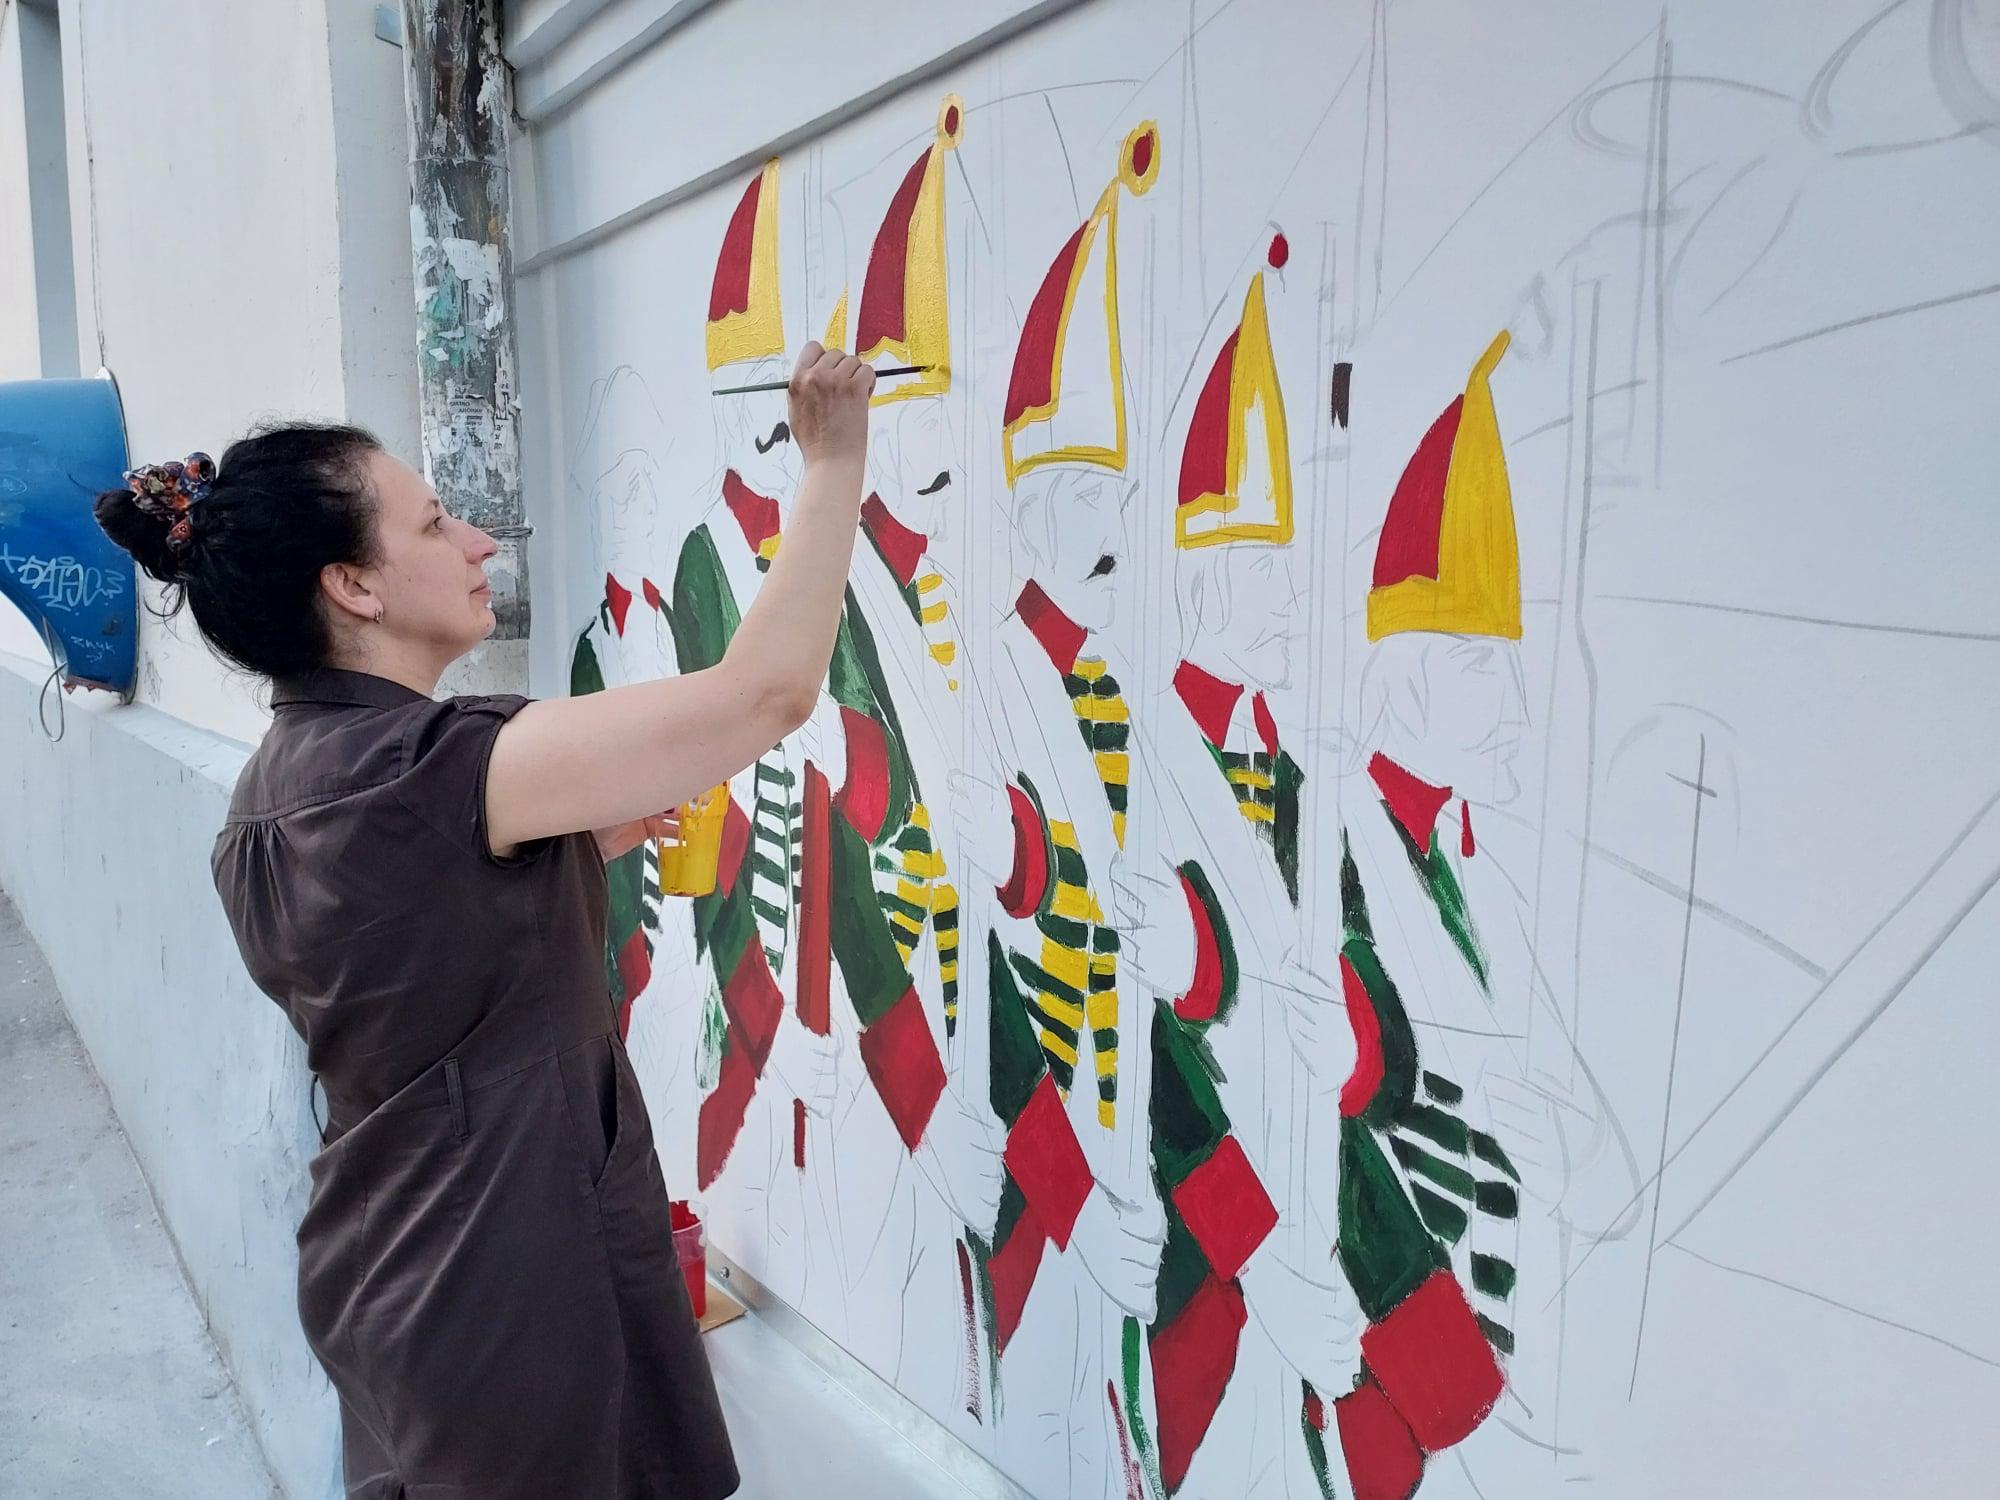 В Твери начали расписывать стену на Студенческом переулке